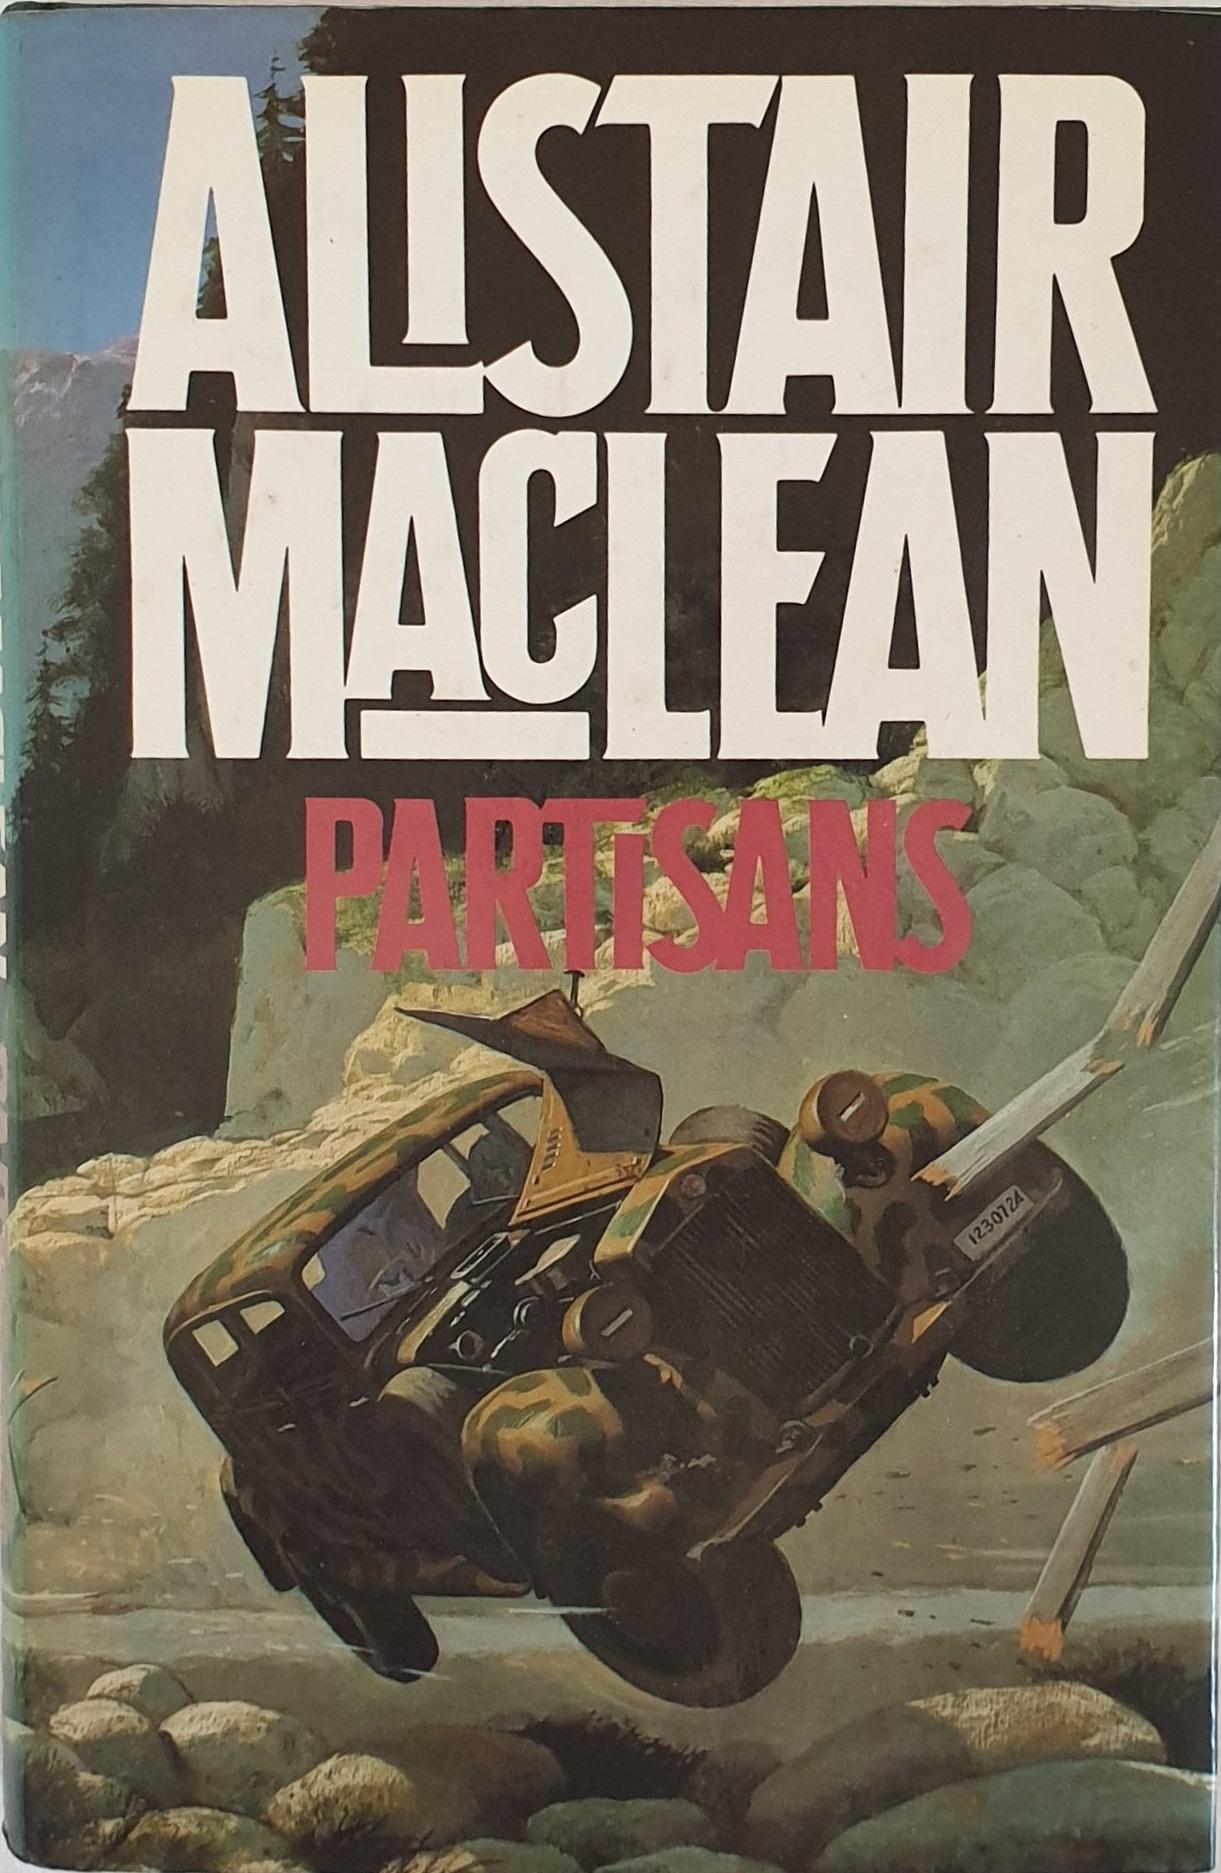 Алистер Маклин — Партизаны (1982)